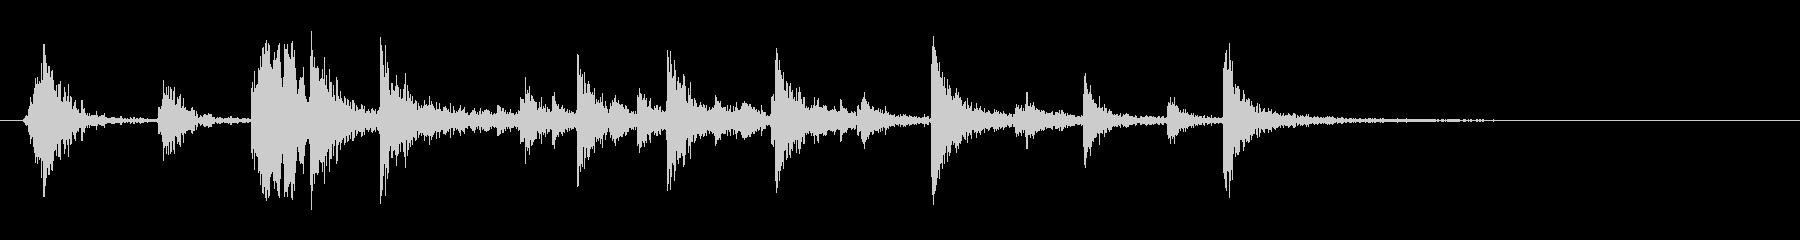 ヘビードアヒンジのきしみの未再生の波形